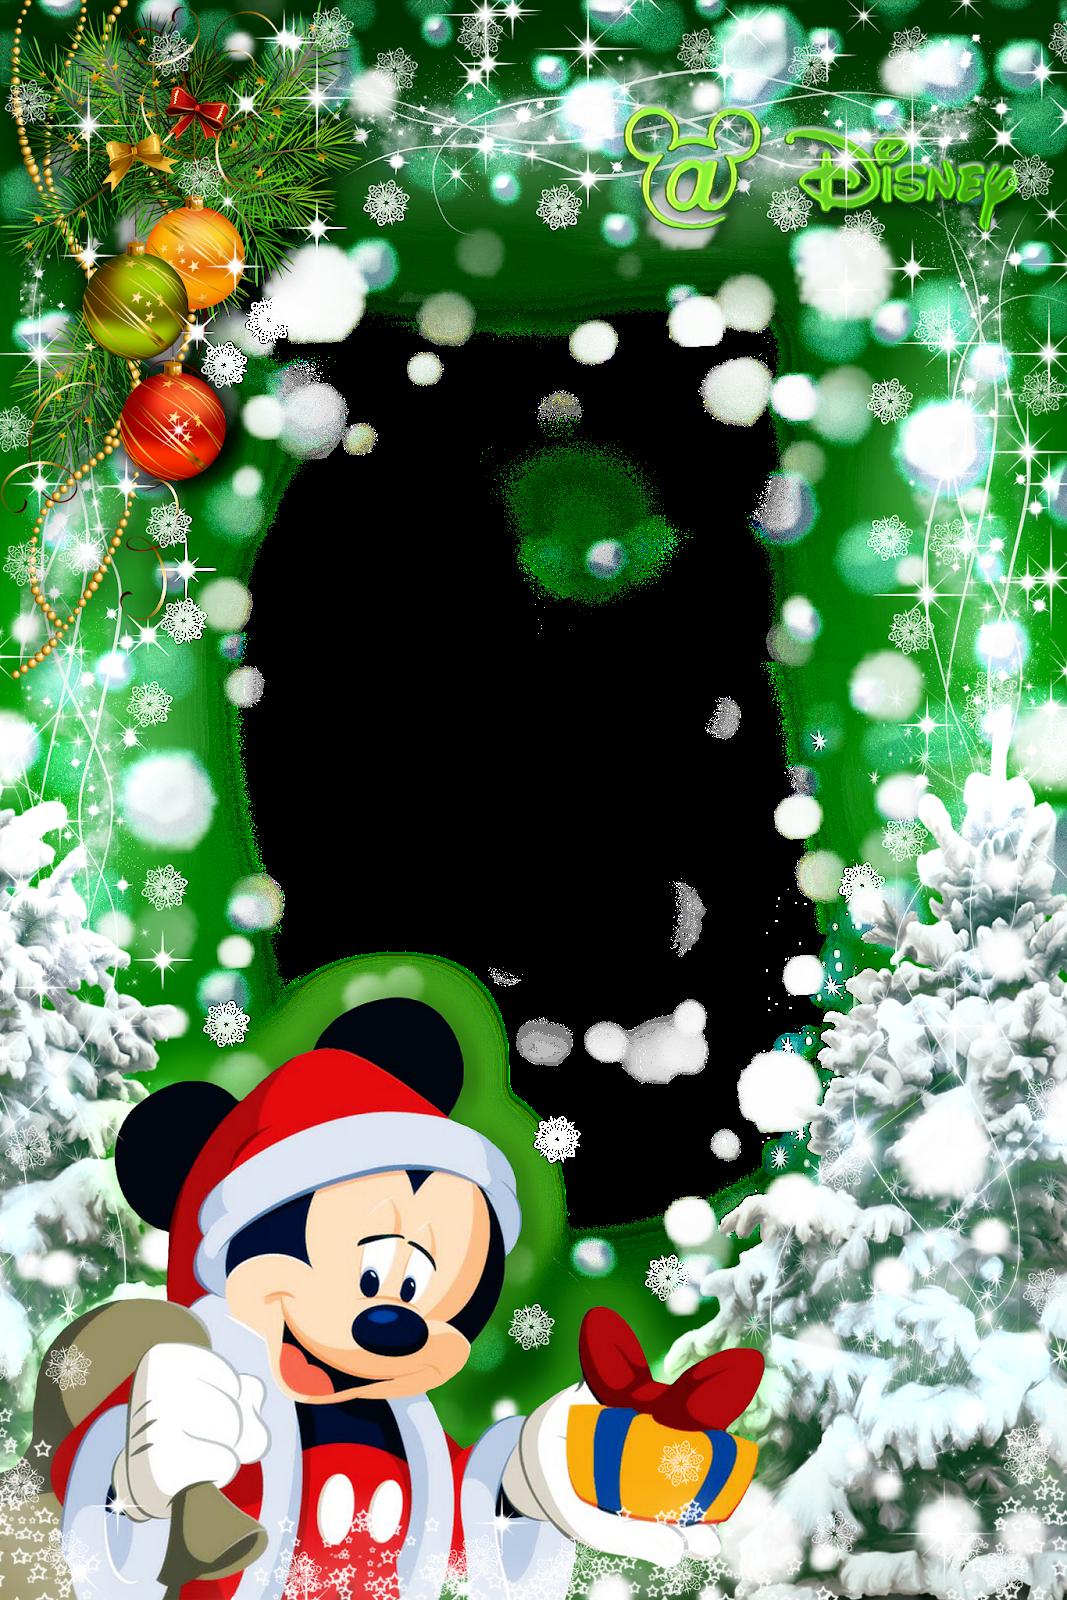 Imagenes navide as marcos navidad infantiles - Marcos navidad fotos ...